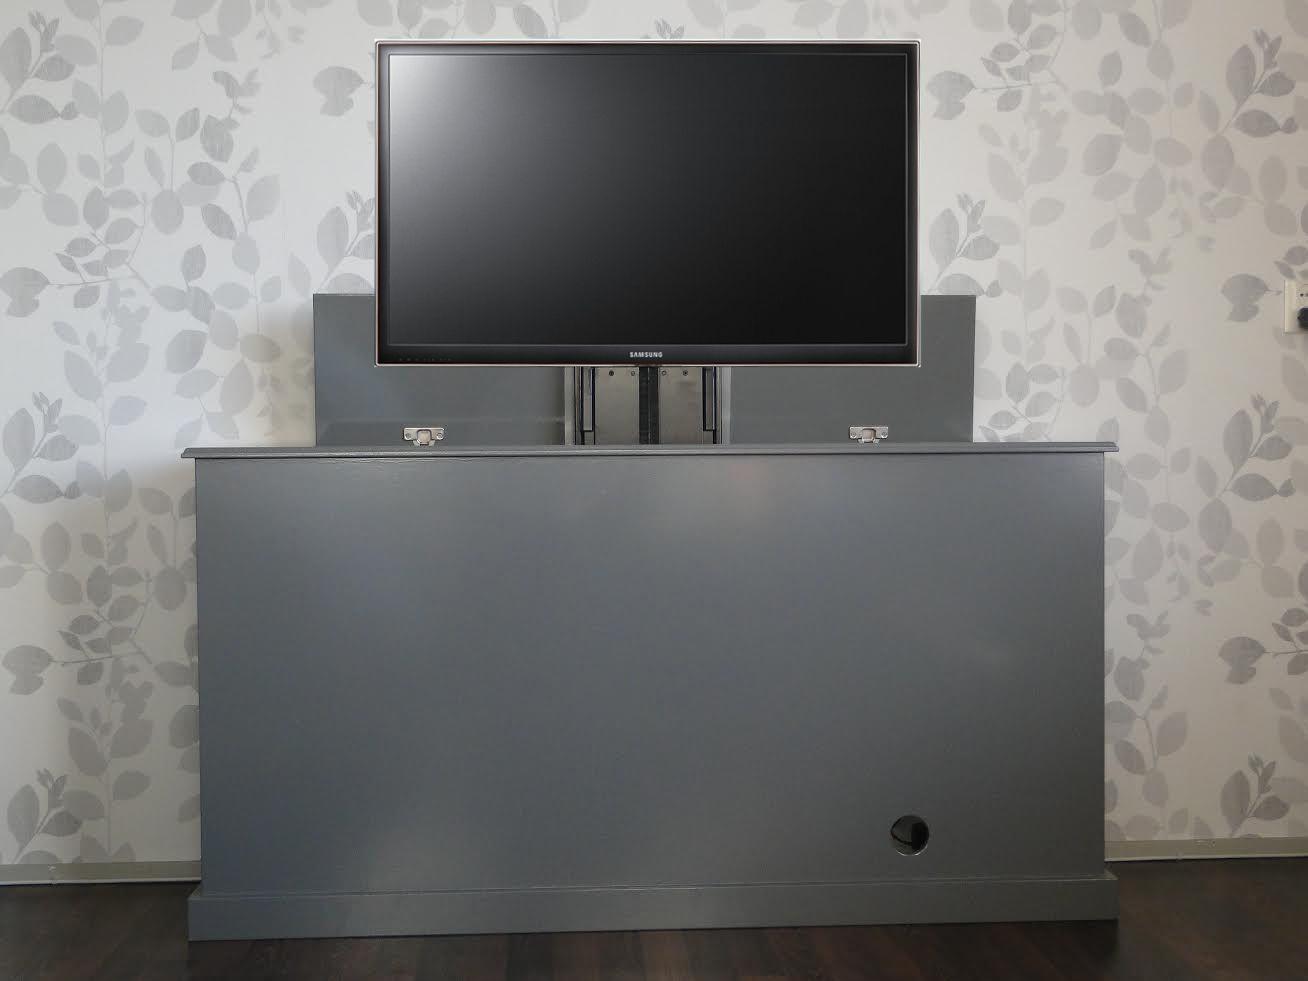 tv kast. landelijke tv kast met lift grijze uitvoering | luuksdesign.nl n